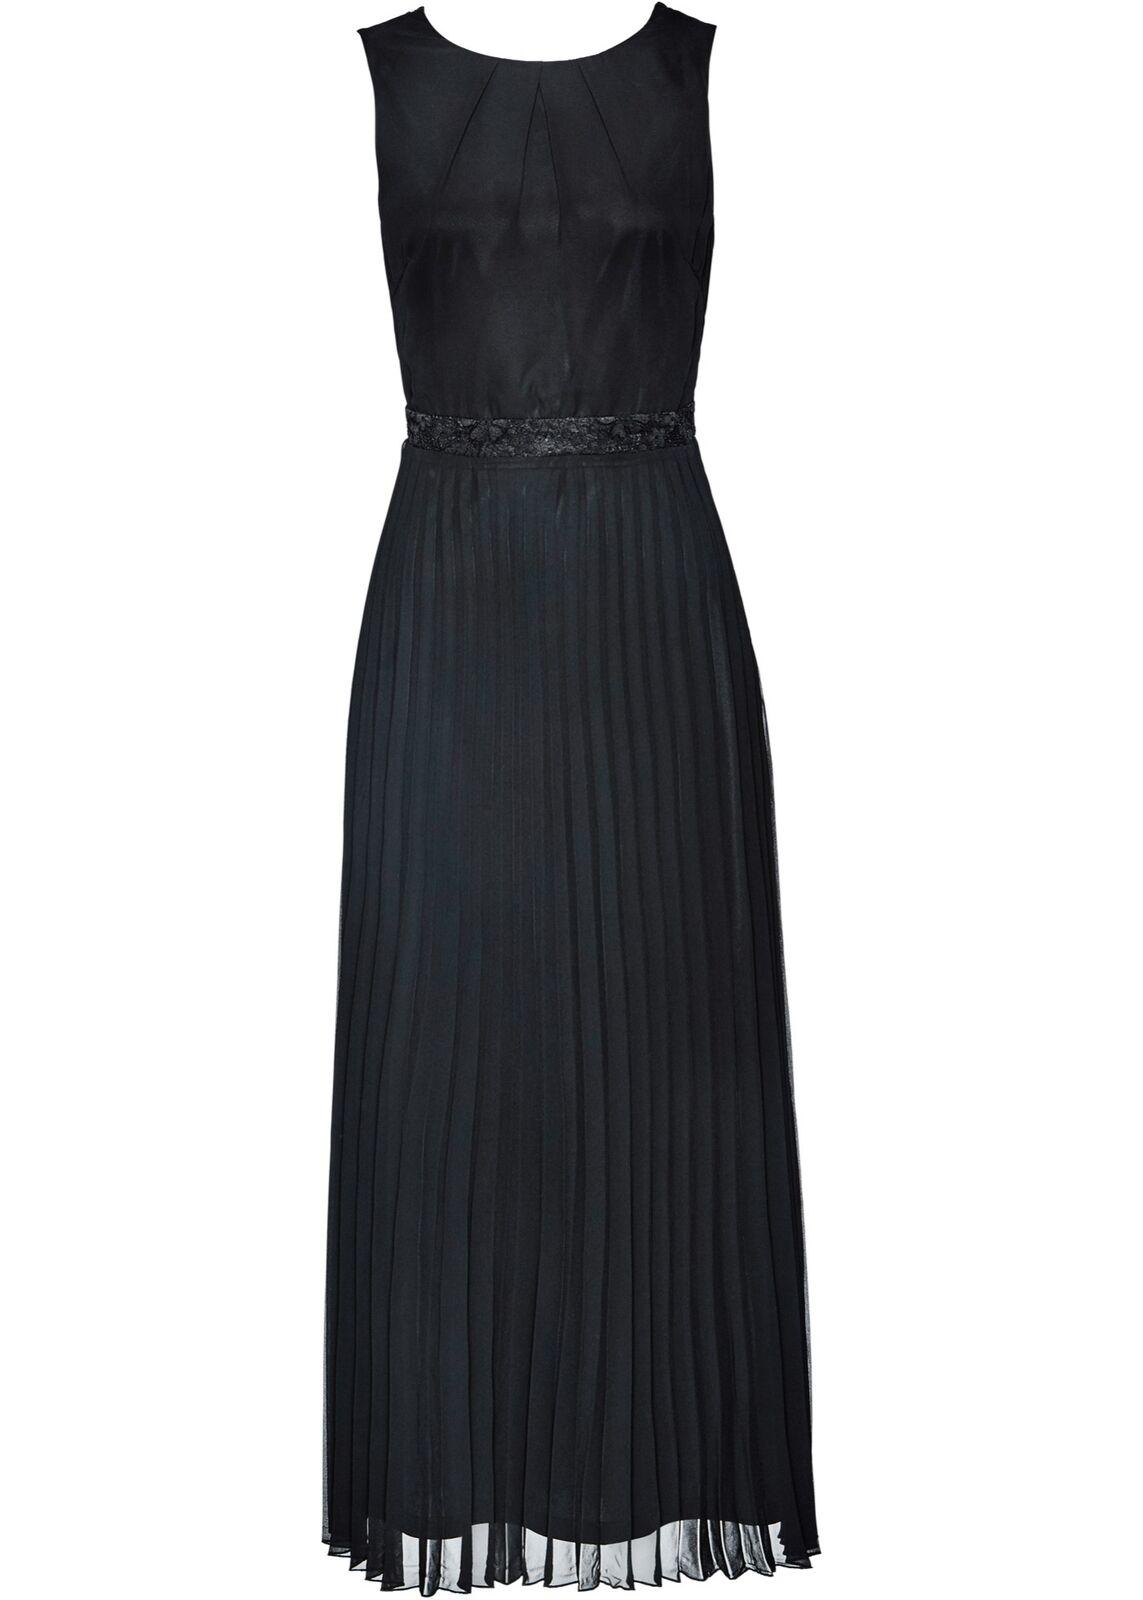 11a4a2b029f3e7 Premium Abendkleid mit Spitze Gr. 36 Maxi-kleid Ballkleid Neu Schwarz  Partykleid nortkp2642-Kleider